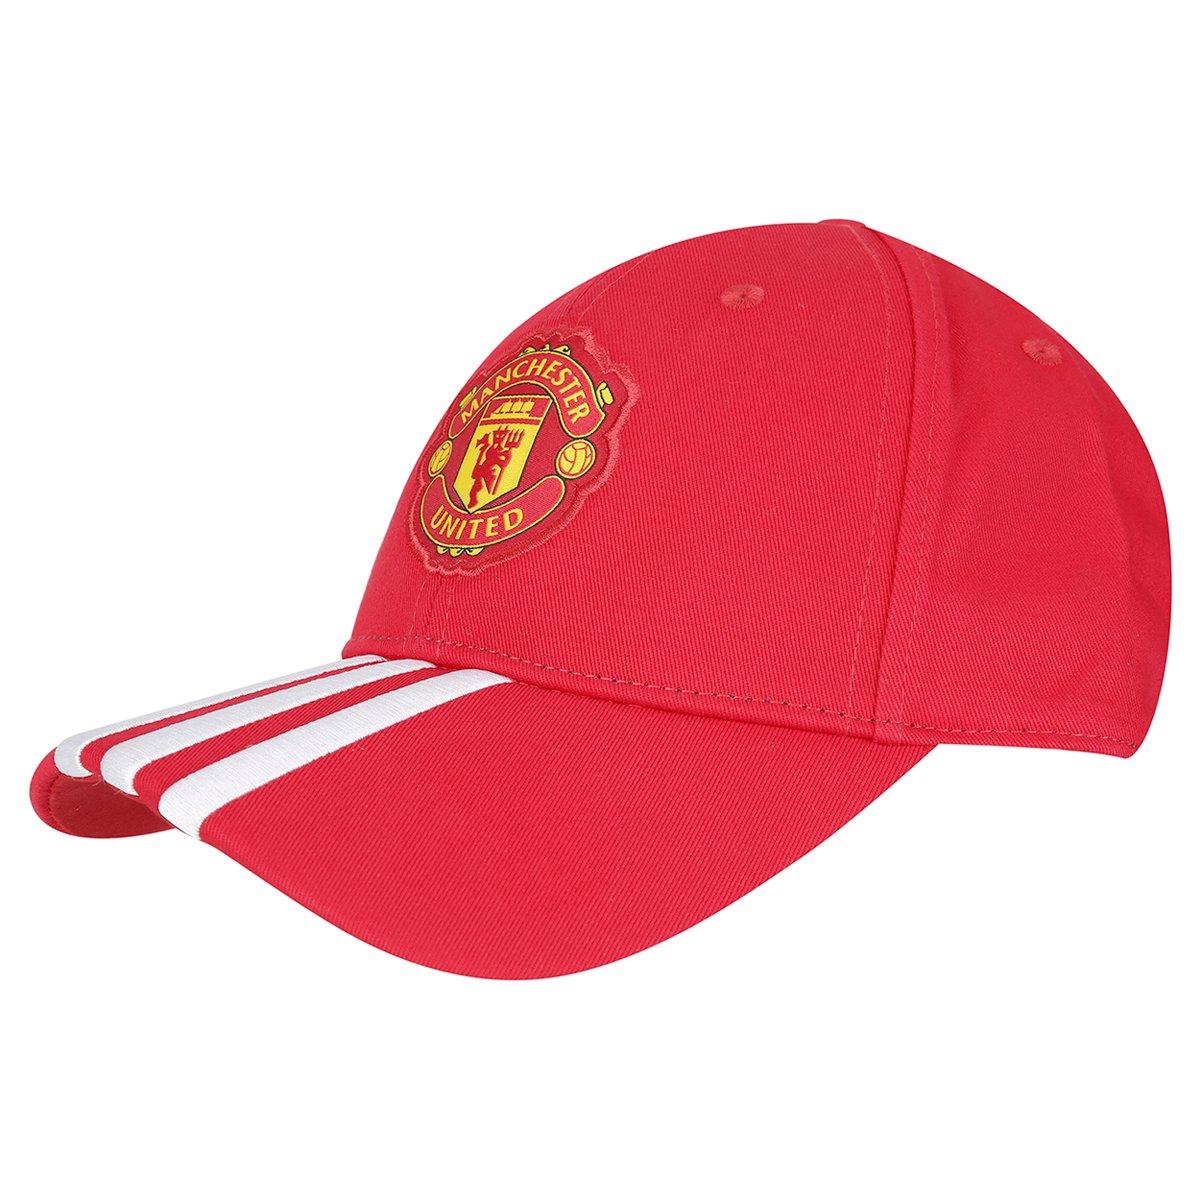 Boné Adidas Manchester United 3S - Compre Agora  85f831d41d3